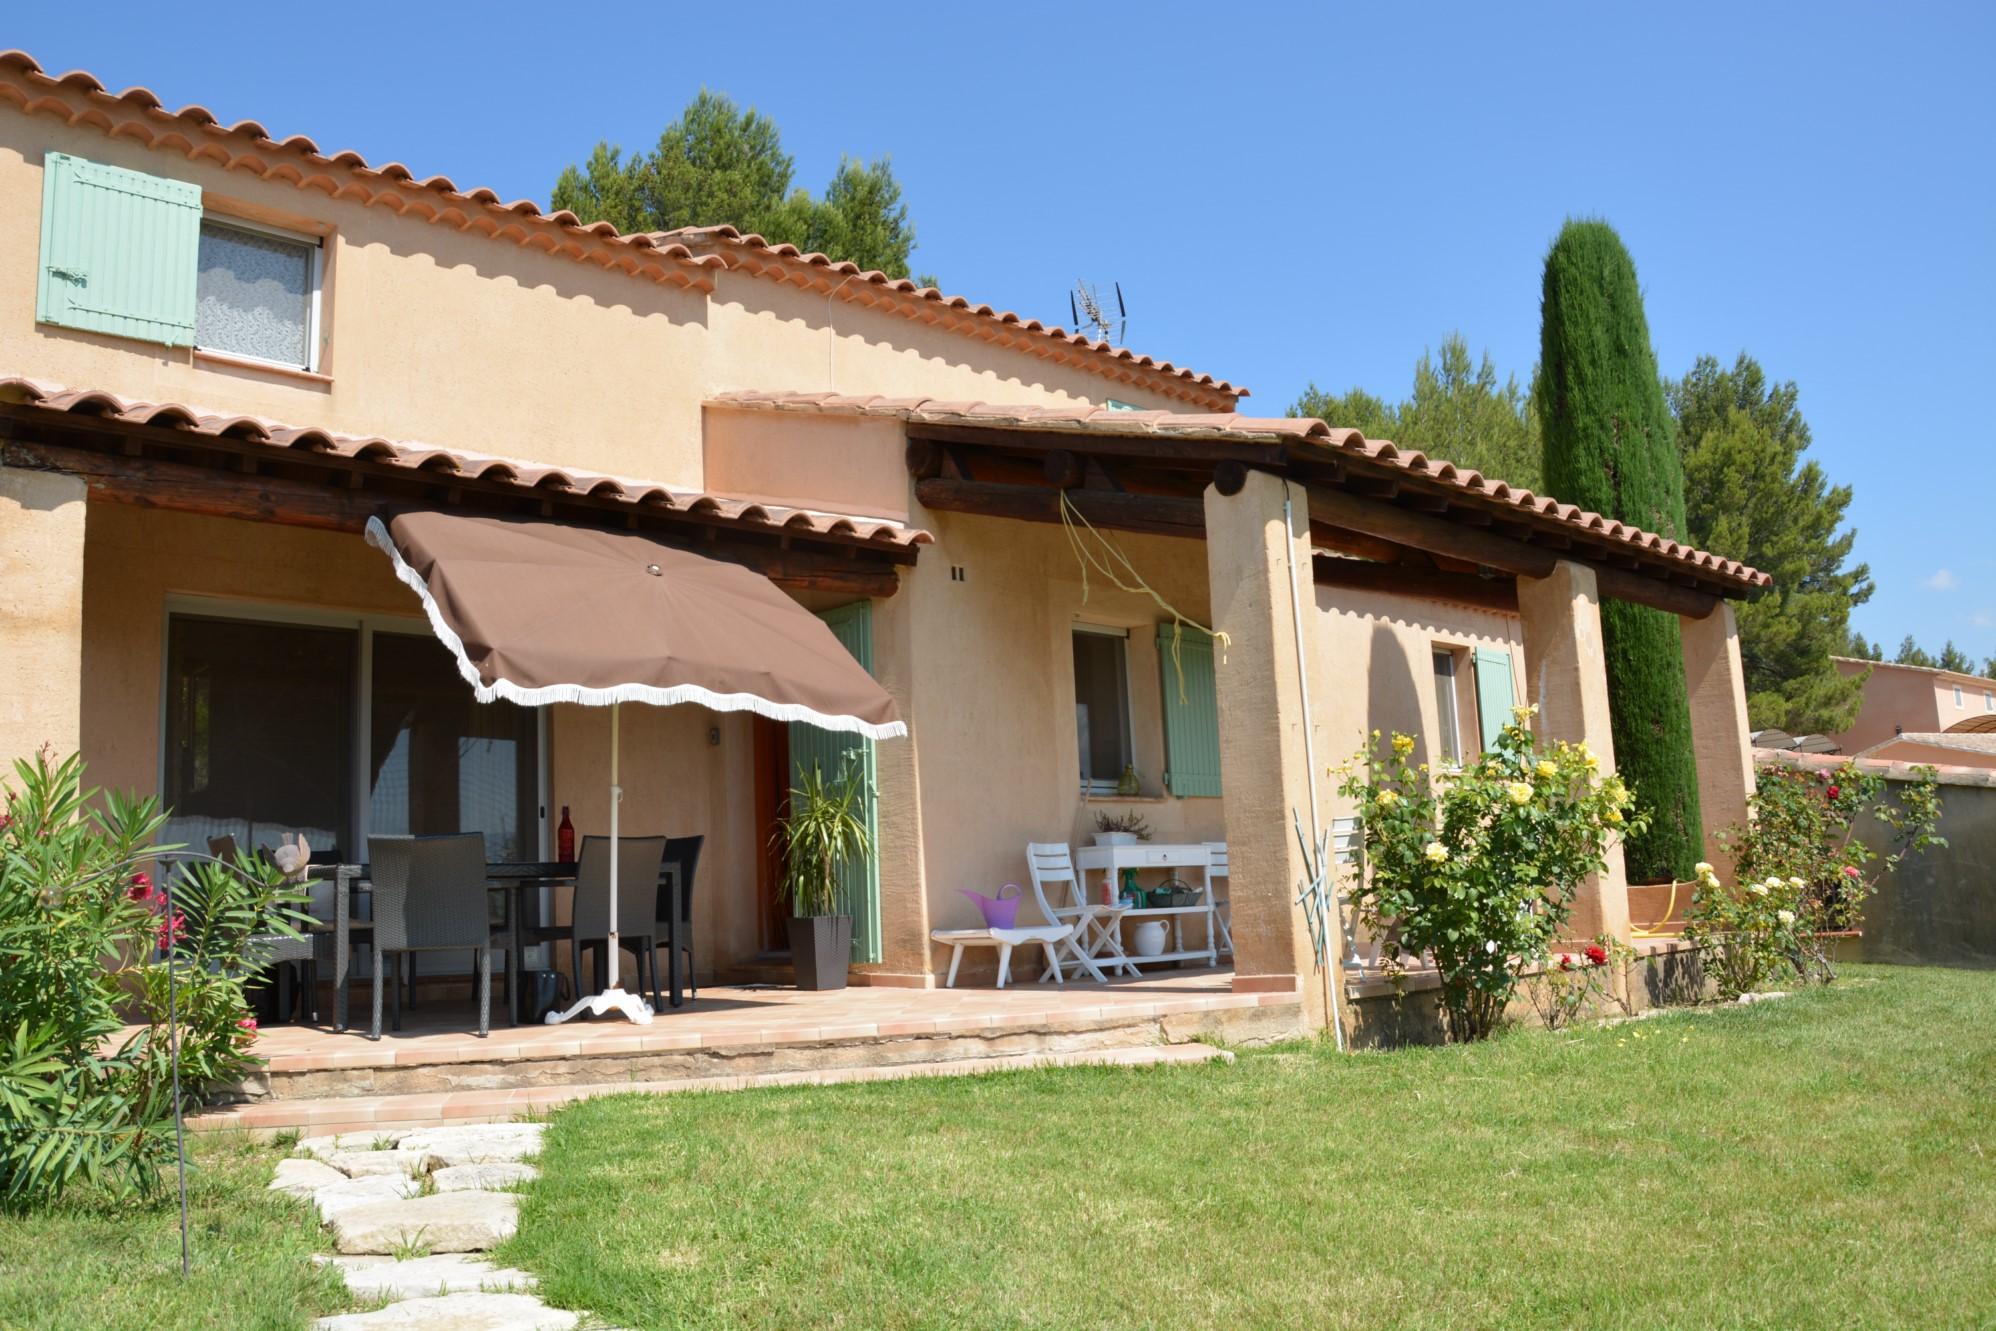 Maison à vendre en Provence par ROSIER